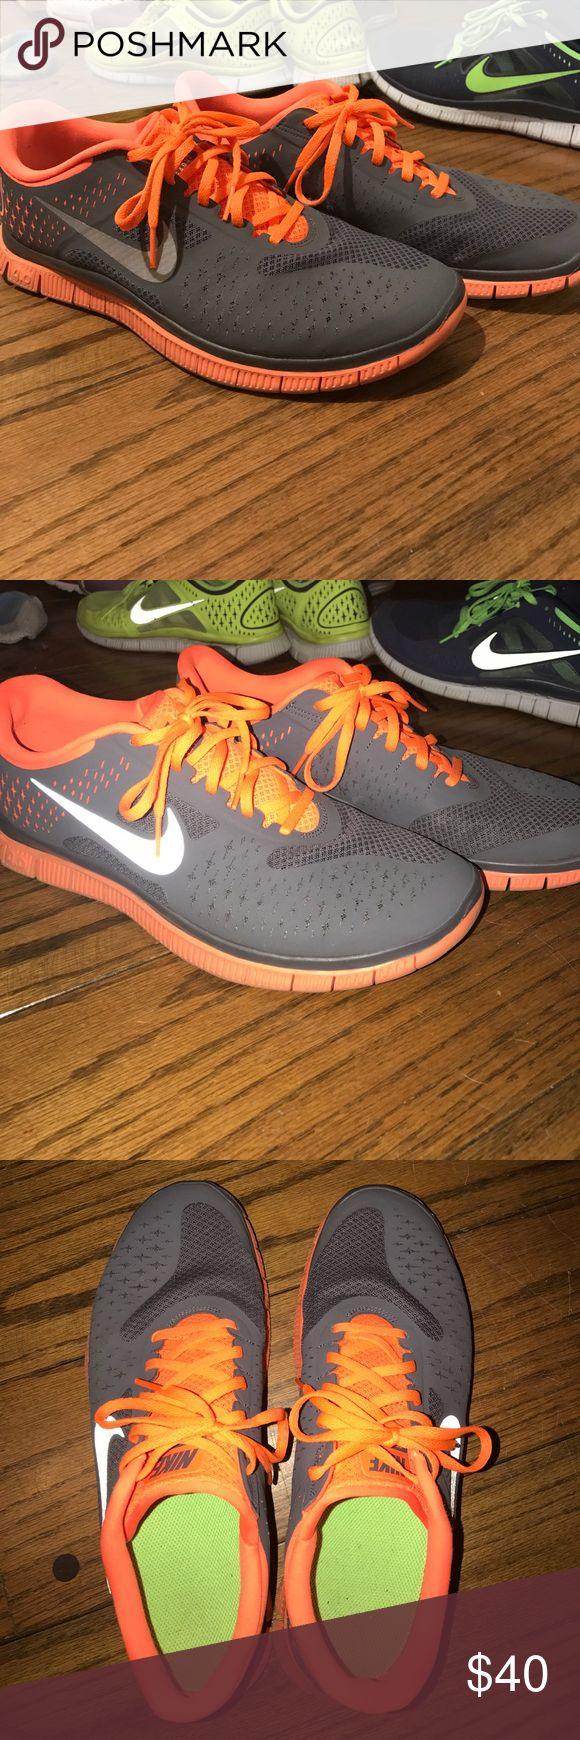 new arrival c3e61 2b21b ... Nike free run 4 V2 Nike free run 4.0 V2 orange and charcoal.